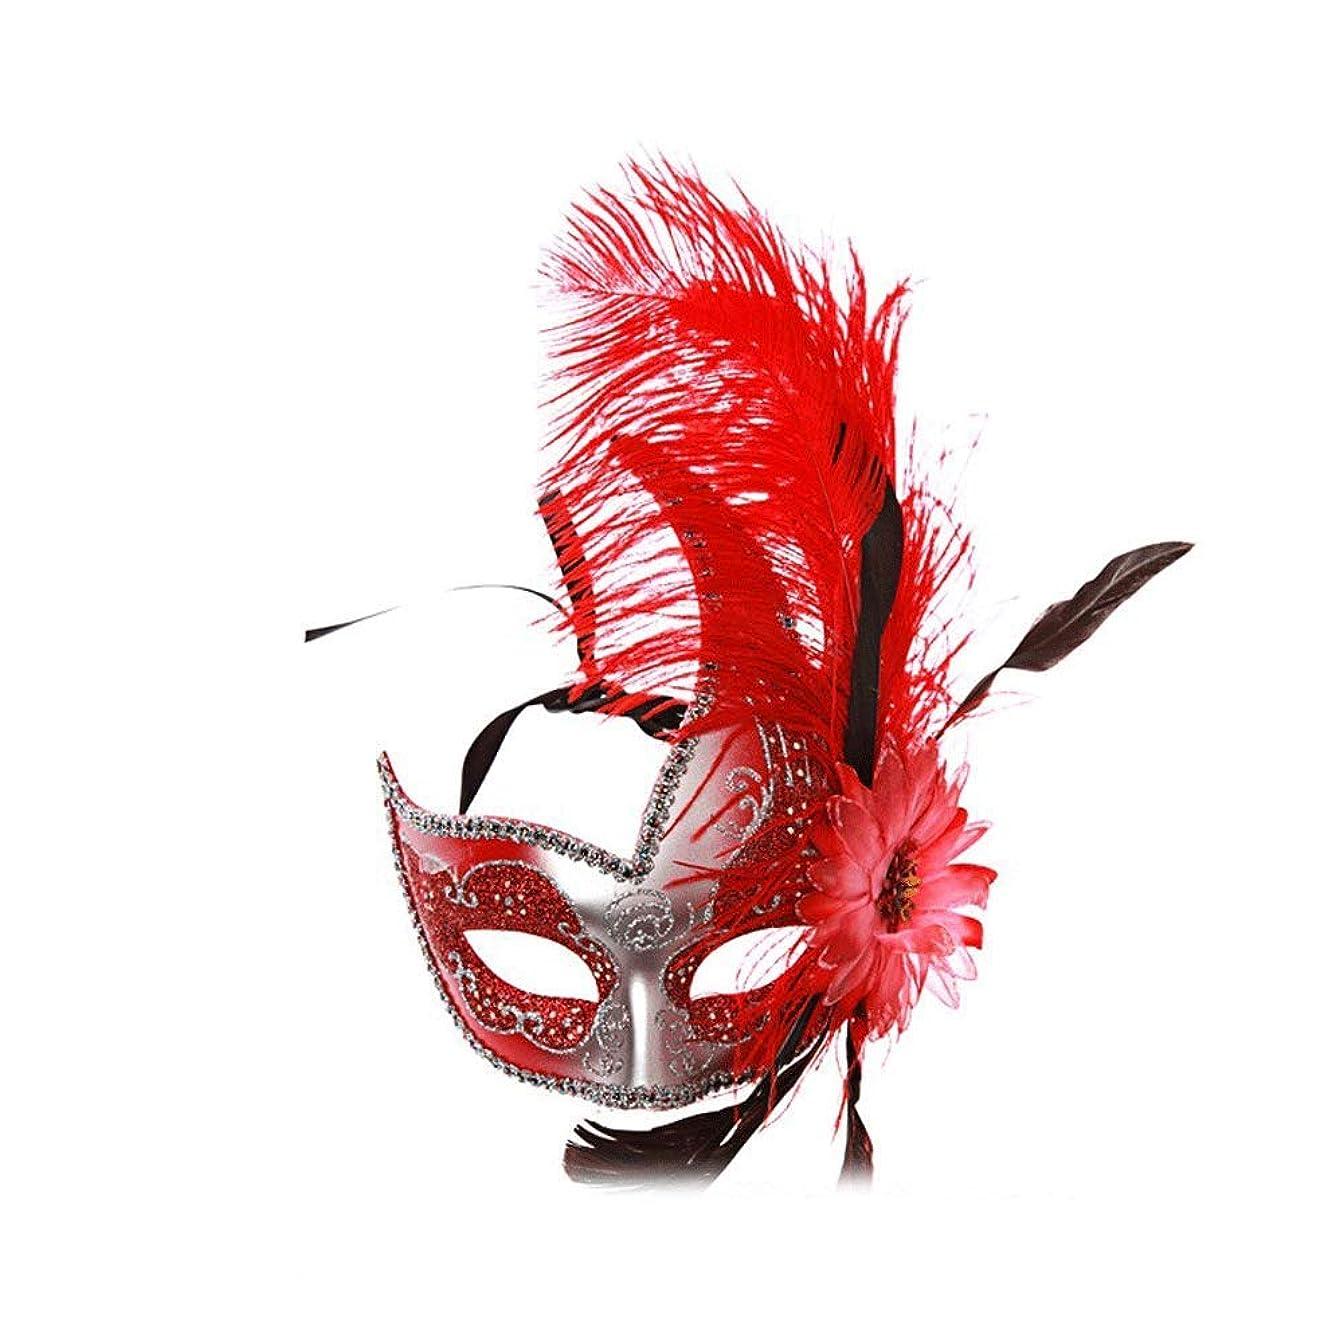 退屈させるメンテナンスジャンクションNanle ハロウィンマスクハーフフェザーマスクベニスプリンセスマスク美容レース仮面ライダーコスプレ (色 : Style B red)